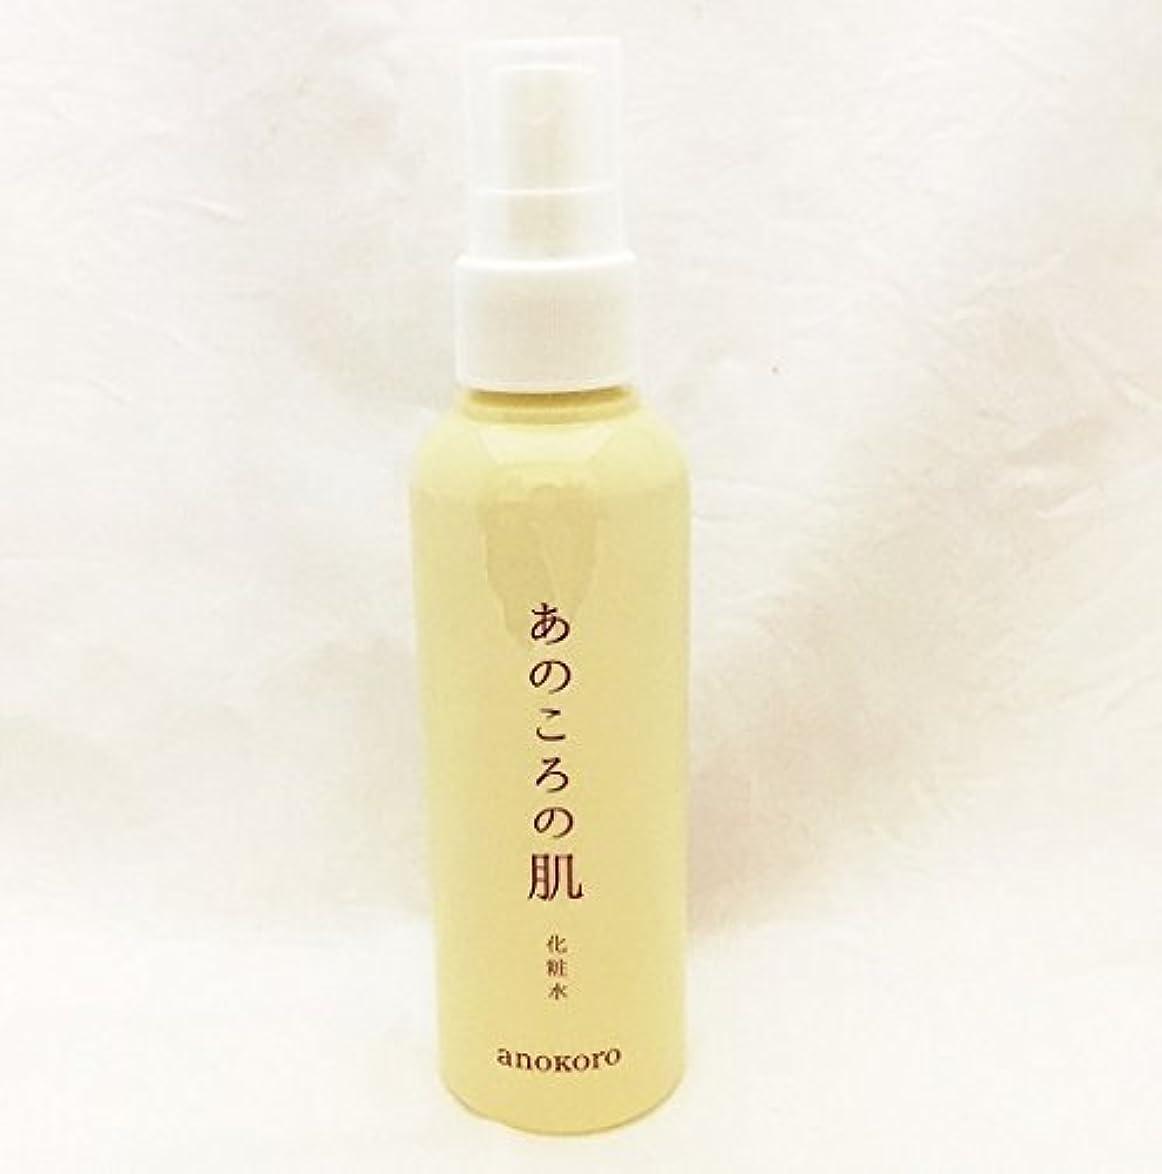 樹木識別ホールドanokoro あのころの肌 化粧水 150ml 無添加 無着色 防腐剤フリー